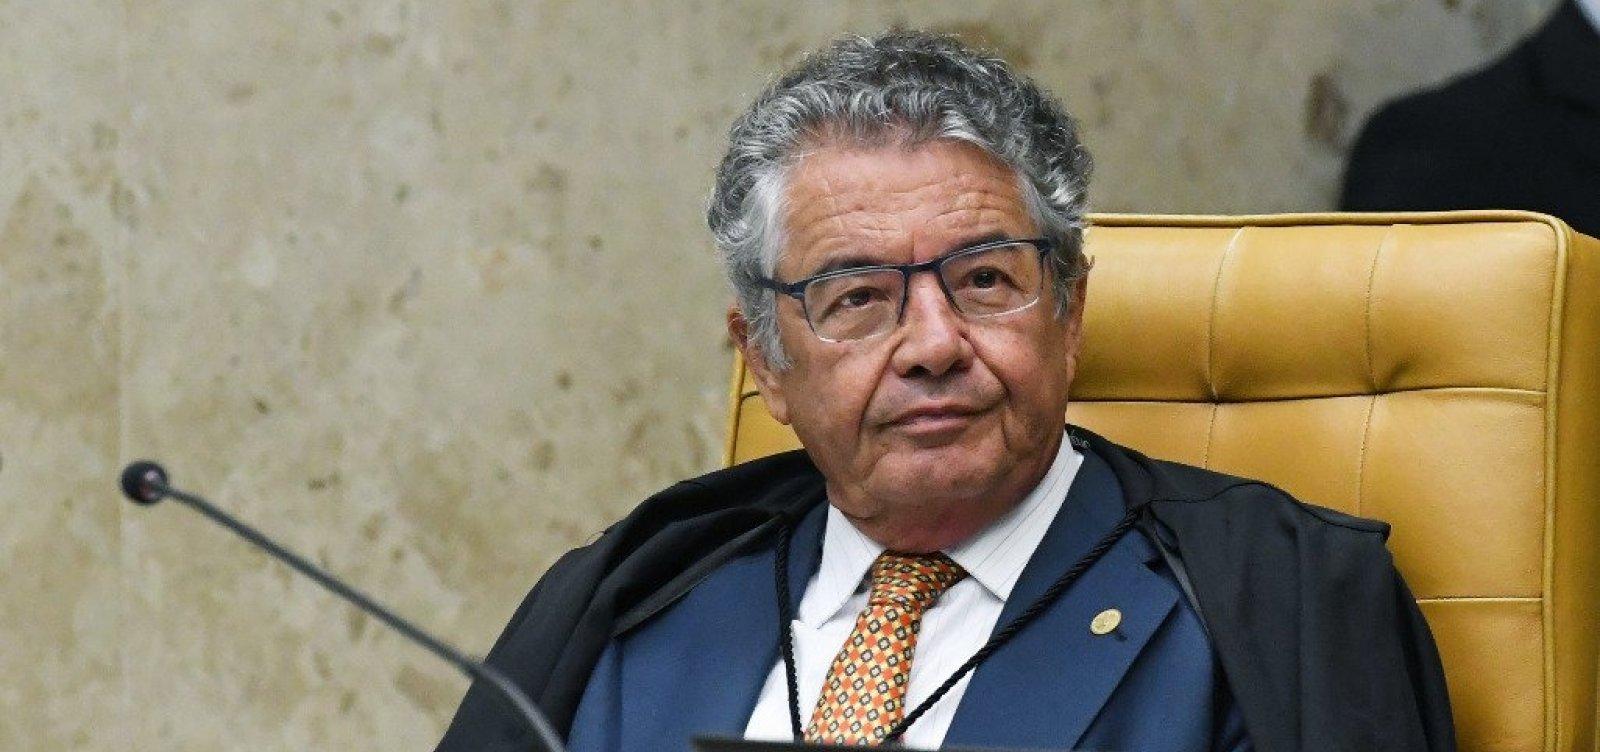 [Ministro do STF critica decisão do TJ no caso Flávio: 'É o Brasil']